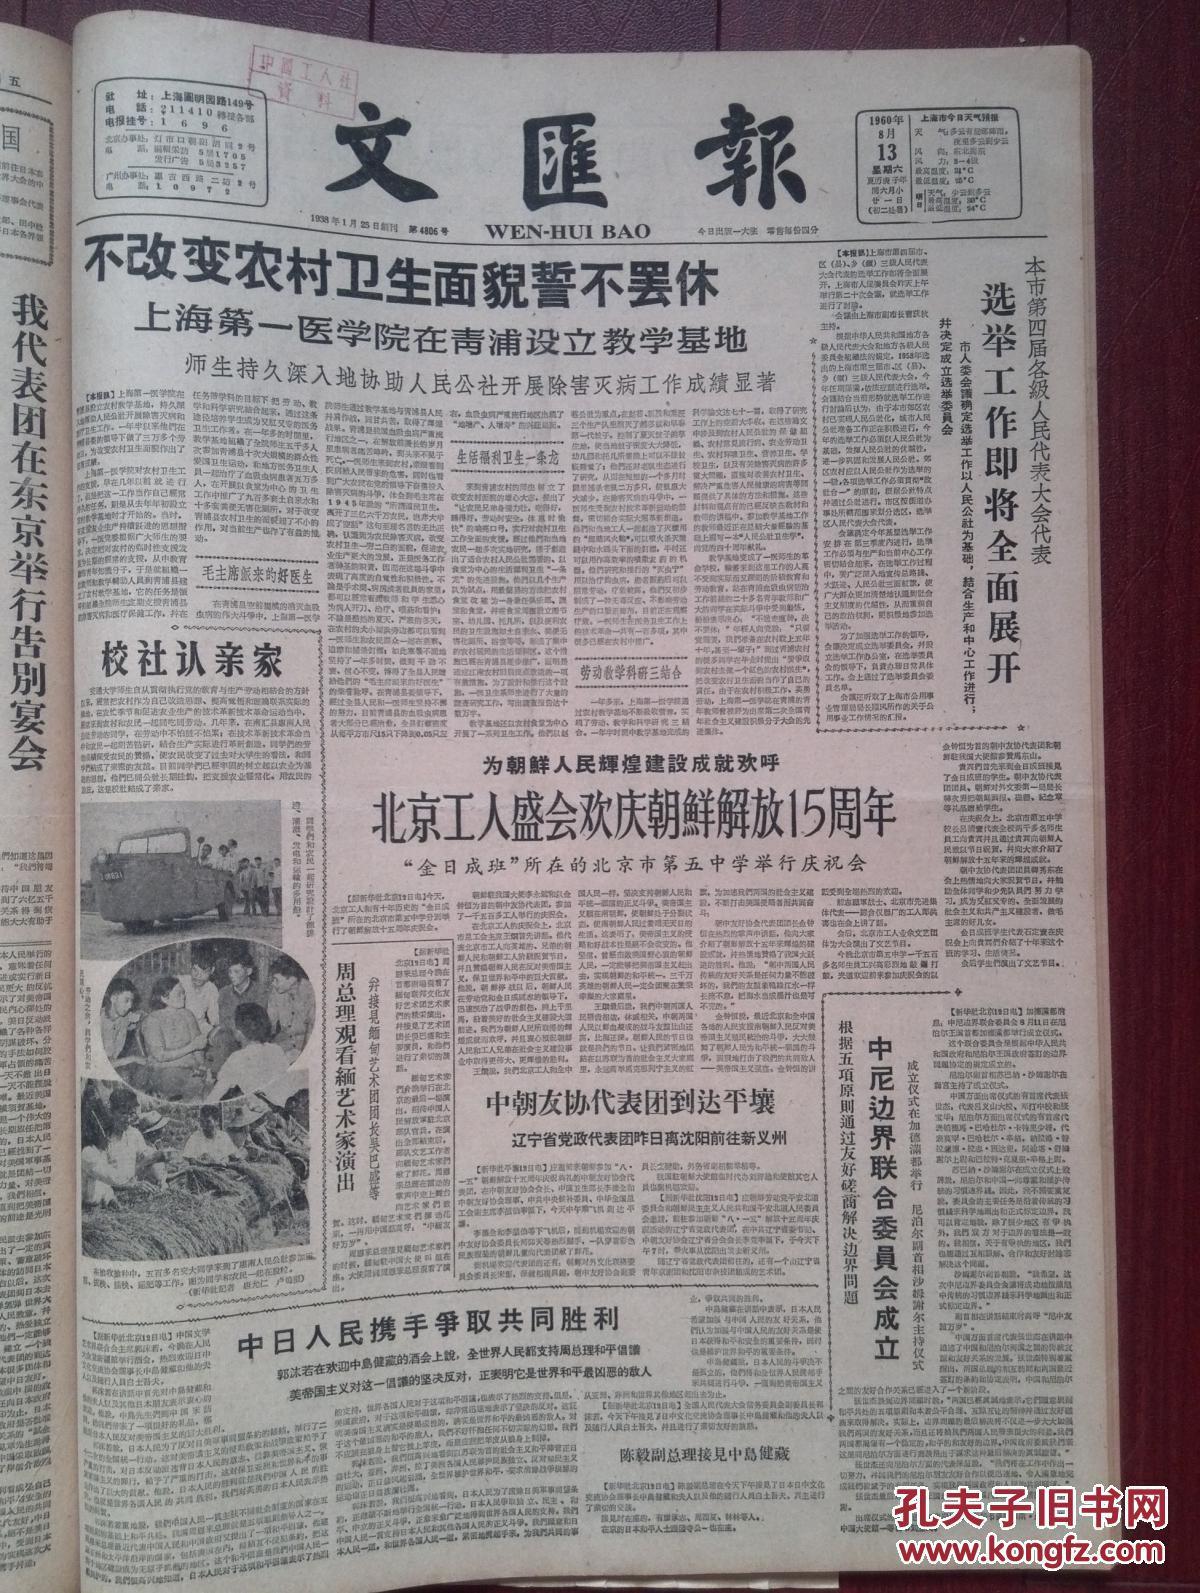 上海文汇报联系方式_文汇报,1960年8月13日,上海第一医学院在青浦设立教学